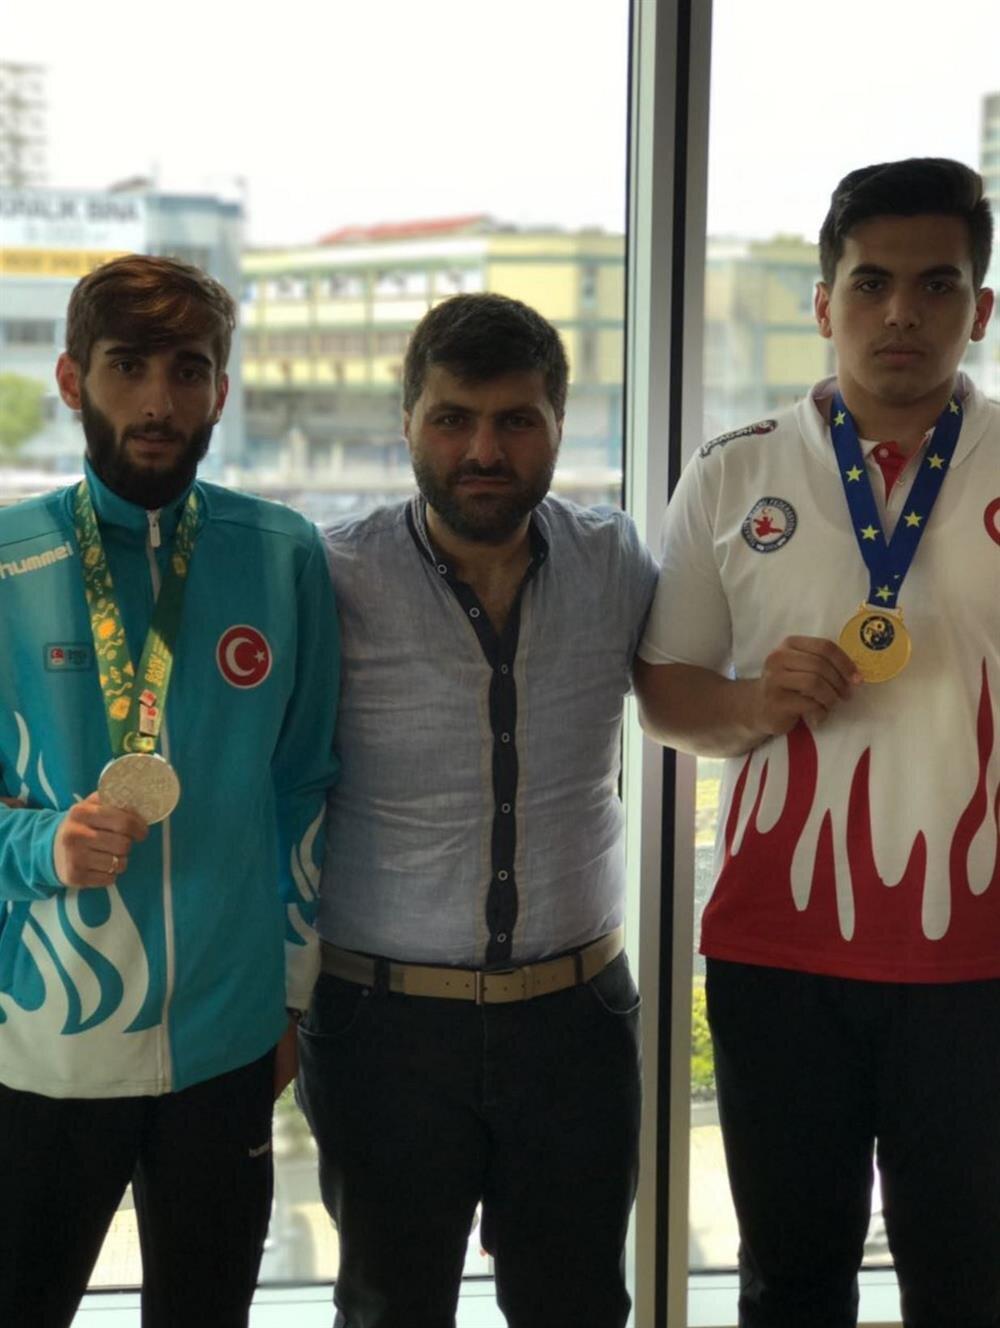 Avrupa Şampiyonu Furkan Gürüz, İBBSK Wushu sorumlusu Faruk Albayrak ve İslami Dayanışma Oyunları'nda gümüş madalya kazanan Sadık Pehlivan.